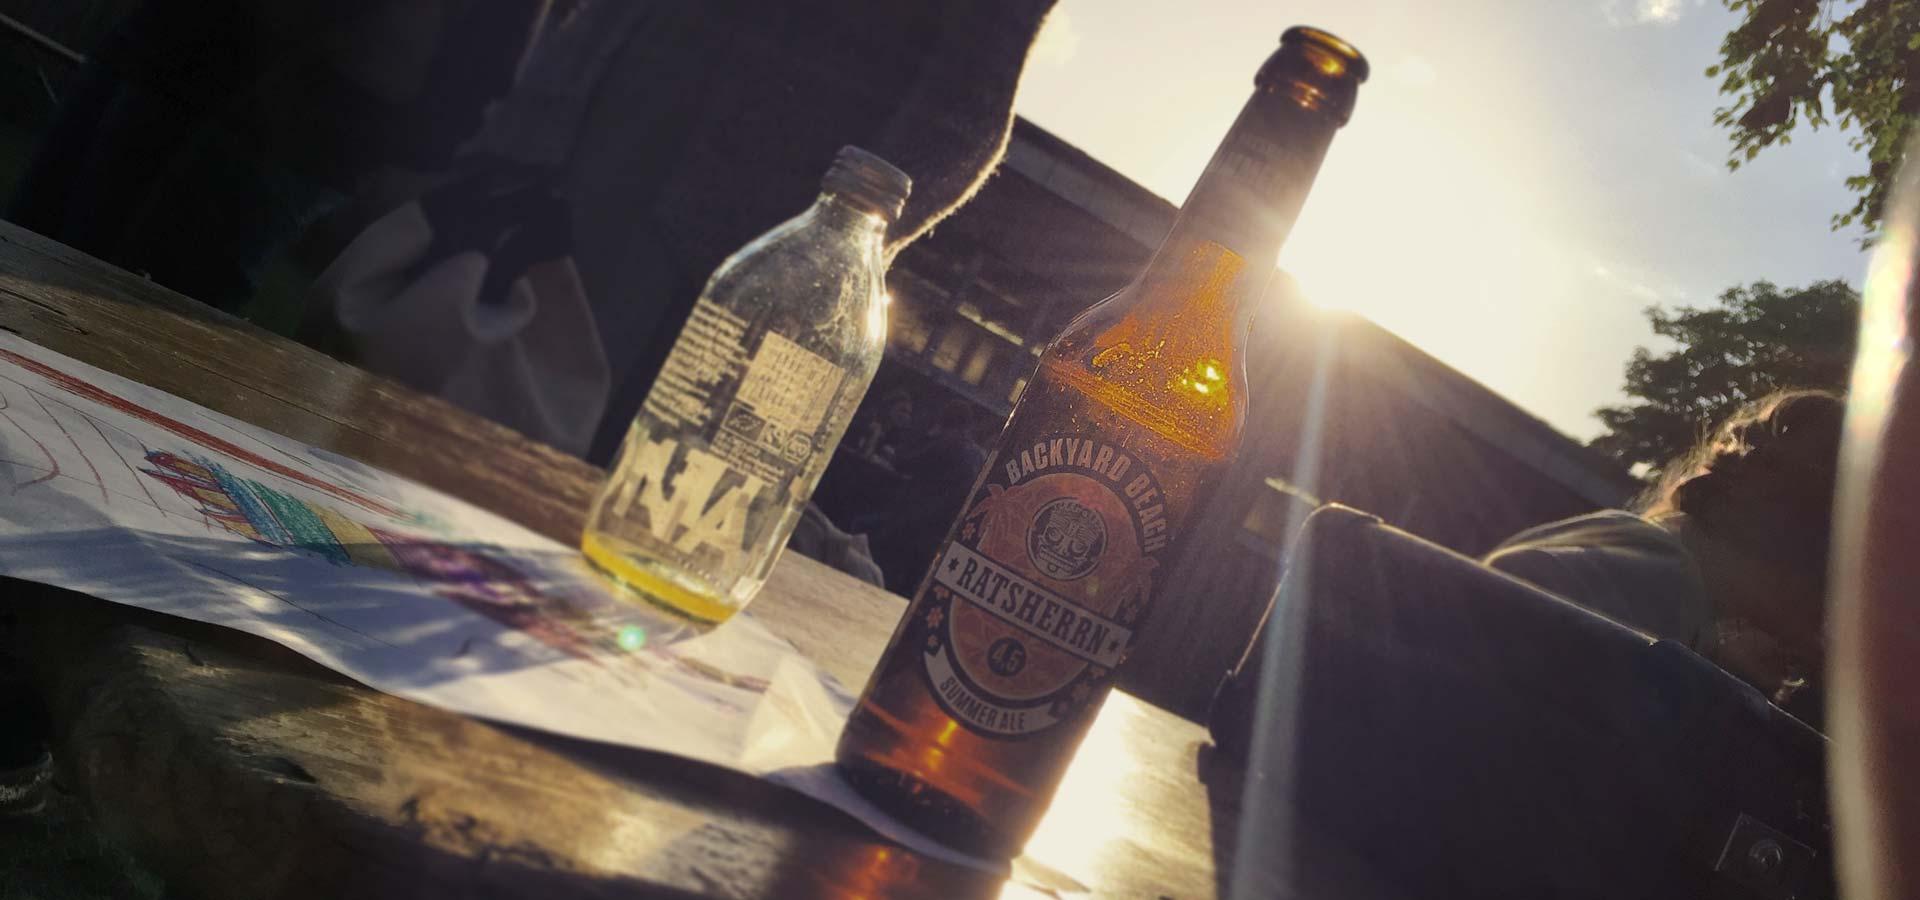 Einklang: Ratsherrn Backyard Summer Ale